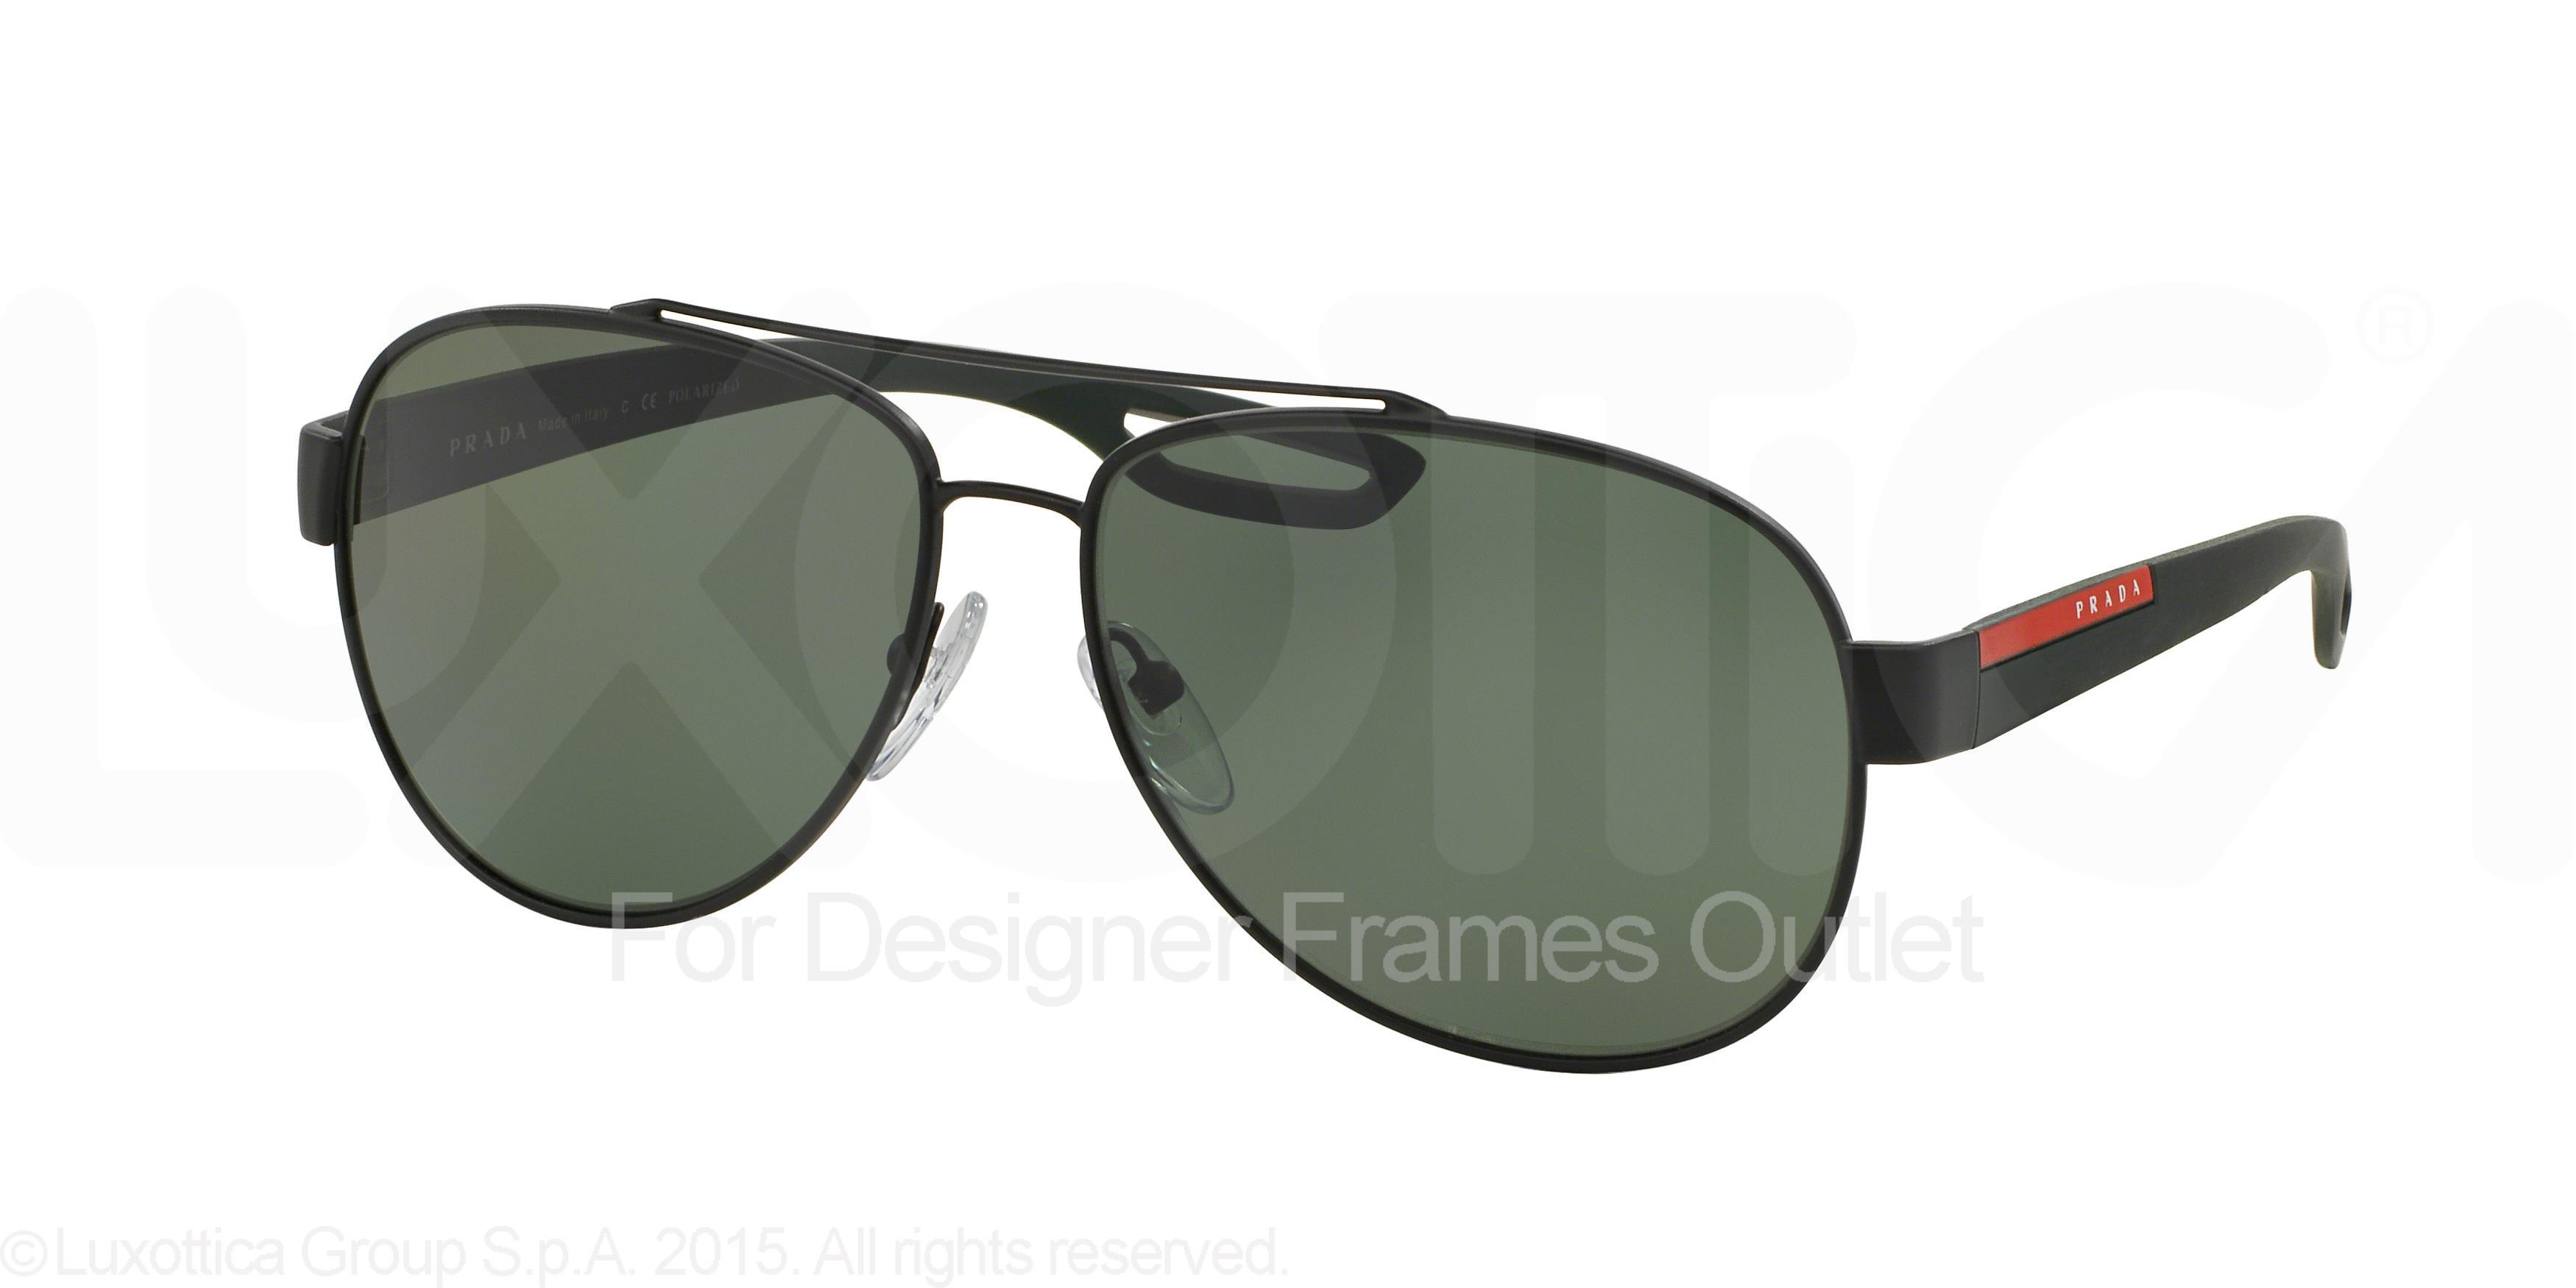 43da33d262b1e PRADA SPORT - PRADA SPORT Sunglasses PS 55QS DG05X1 Black Rubber 59MM -  Walmart.com